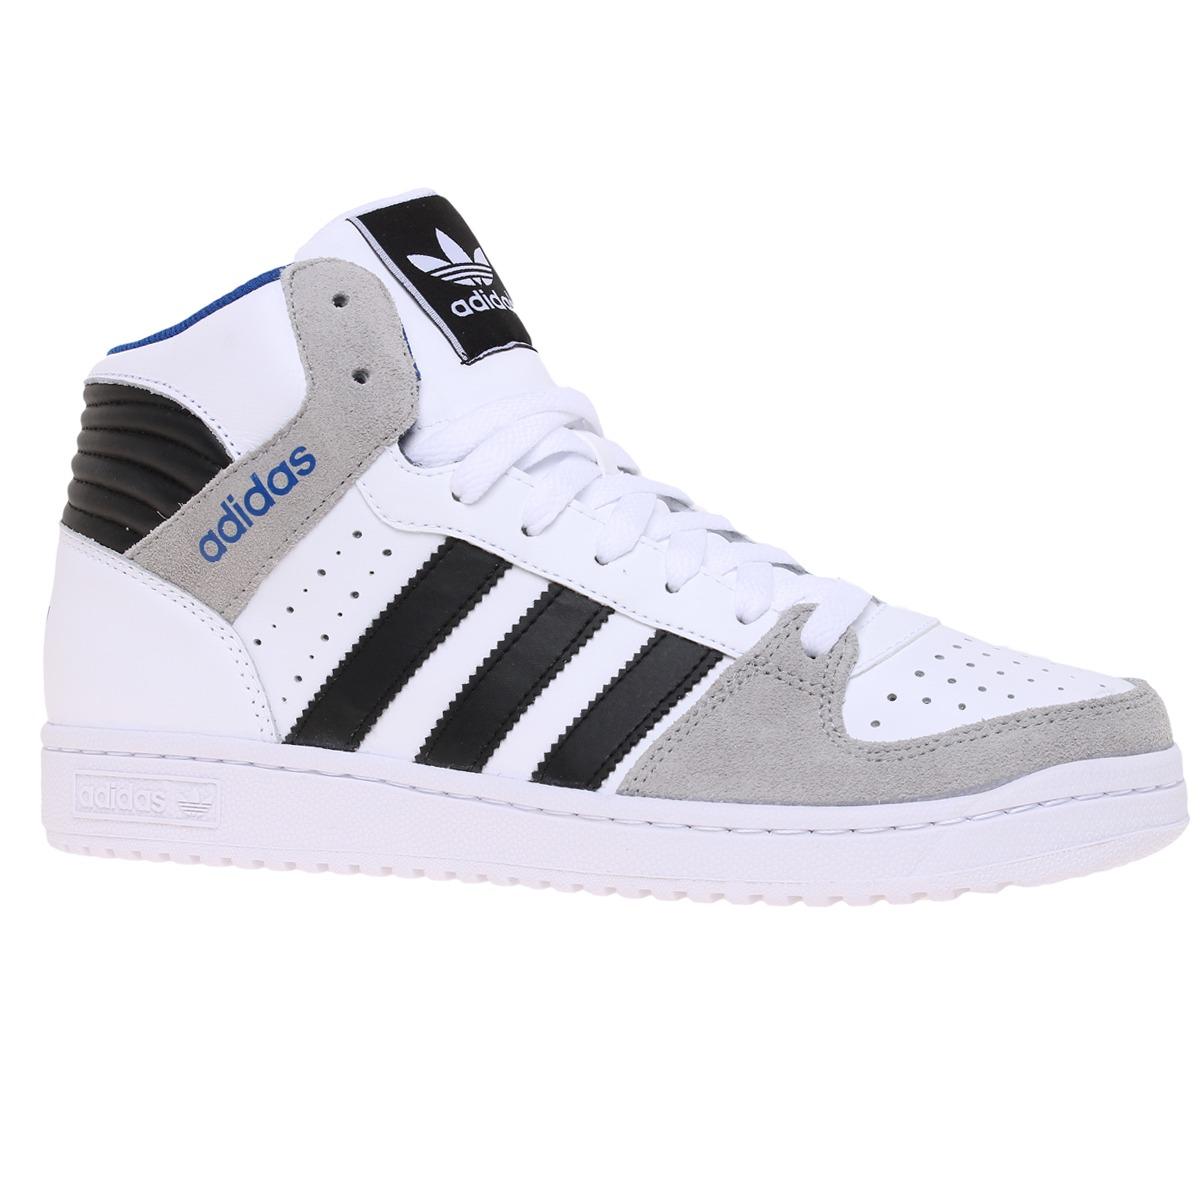 zapatillas adidas botas hombre argentina 14ddde9565270